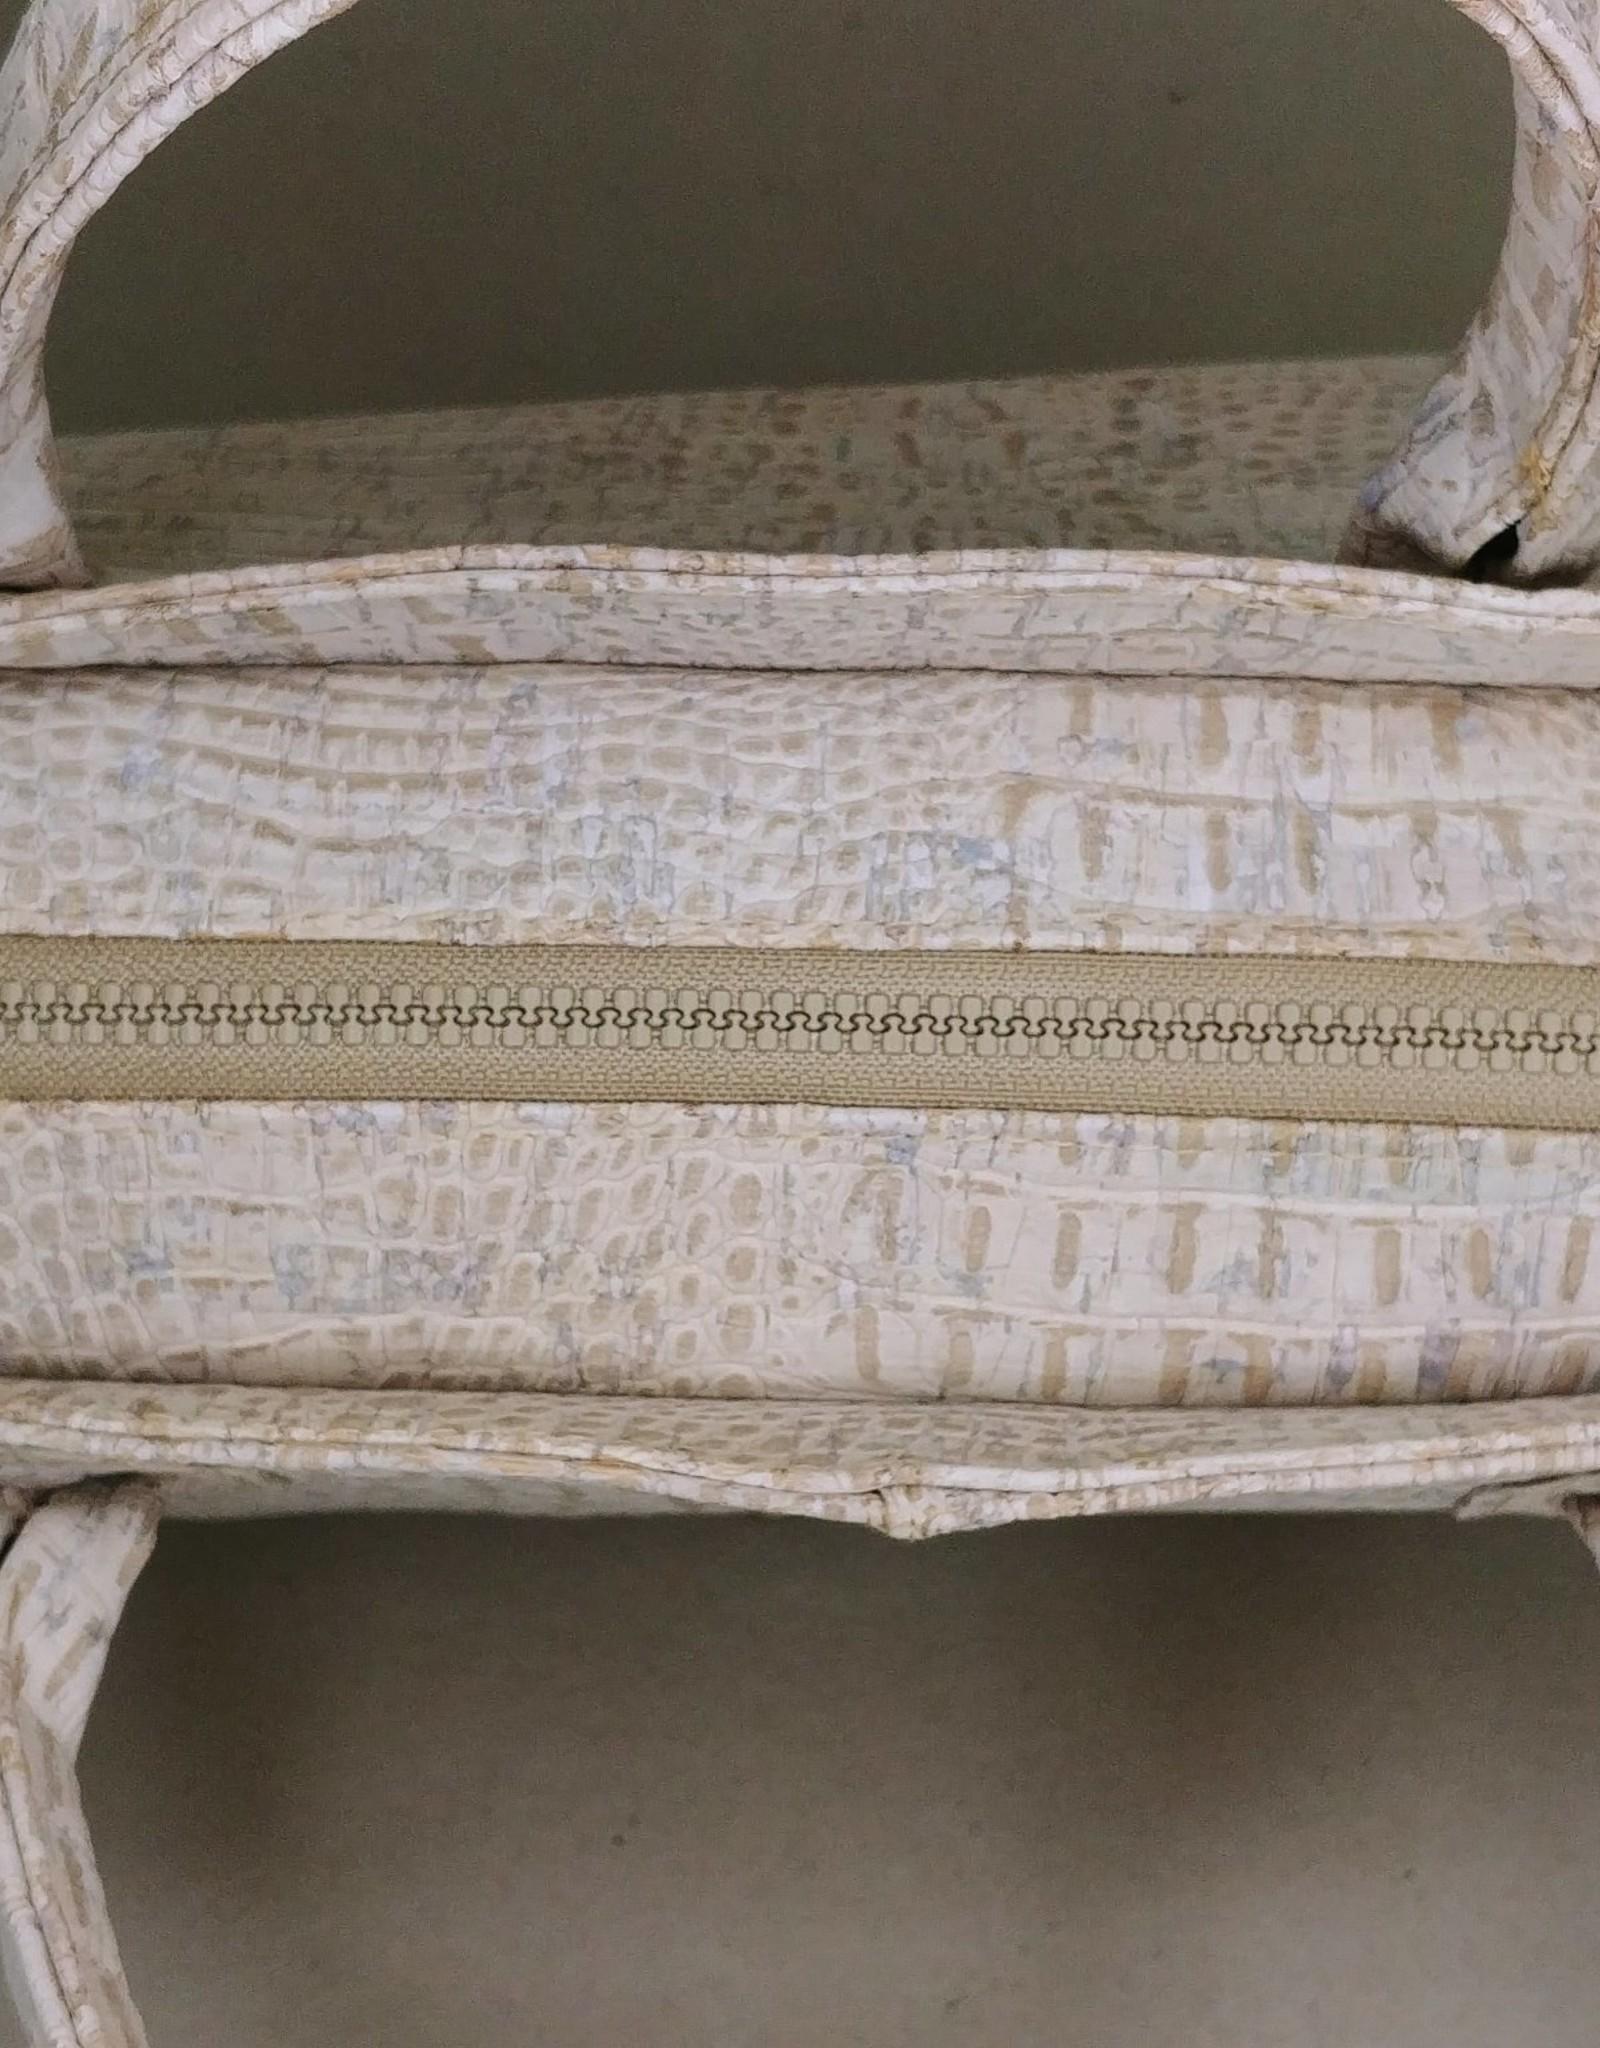 VanIls Workshop handtas (Hope) maken uit kurkleer of canvas